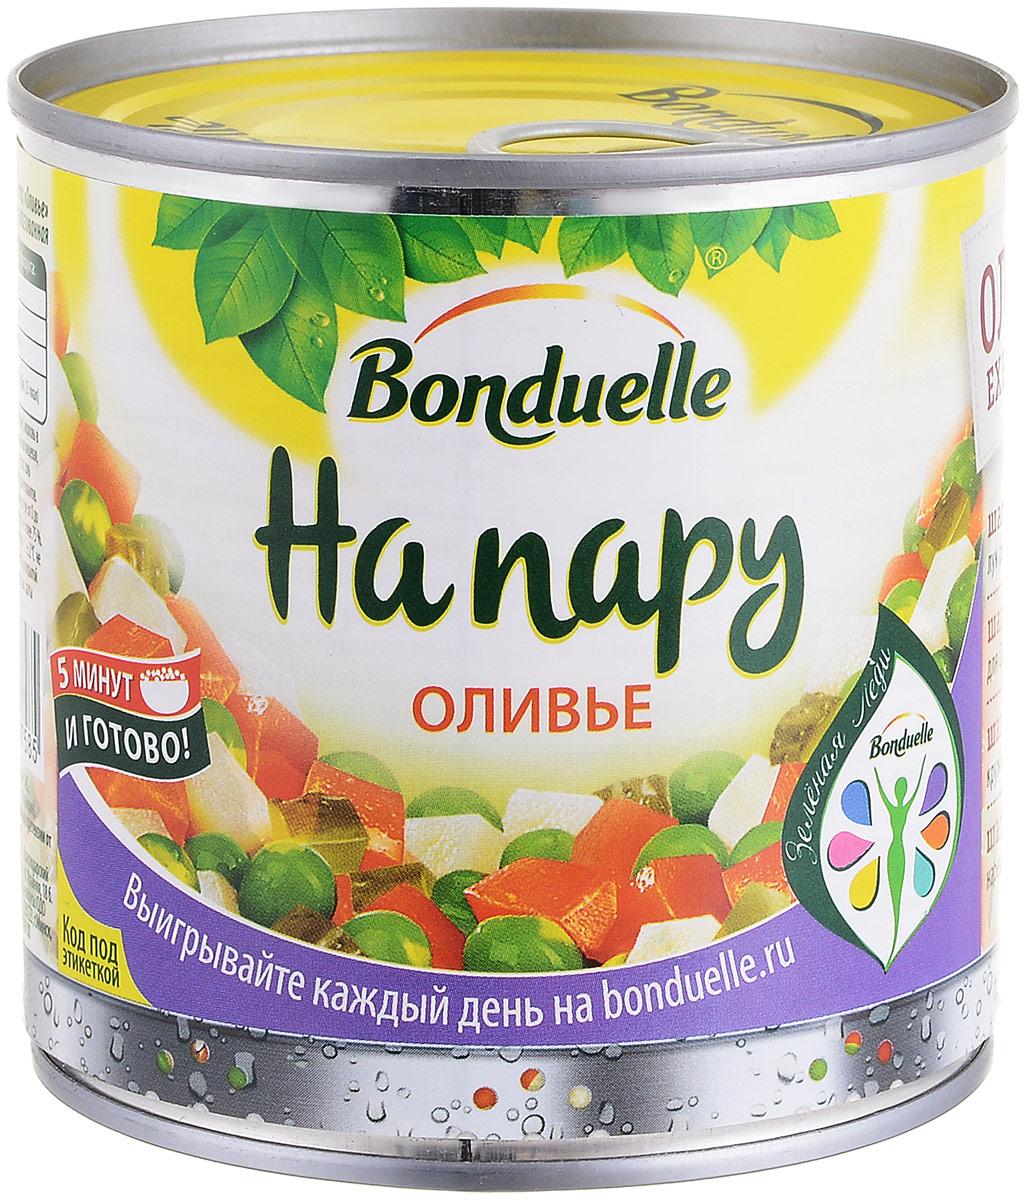 Bonduelle оливье На пару, 310 г5308Овощная смесь для салата Оливье от компании Bonduelle - это совершенно особенные продукты, уникальные для консервации. Чтобы полностью сохранить вкус, аромат и полезные свойства овощей, применен ускоренный нагрев и обработка паром под высоким давлением. В итоге - более хрустящие овощи и в 3 раза меньше заливки! Уважаемые клиенты! Обращаем ваше внимание, что полный перечень состава продукта представлен на дополнительном изображении.